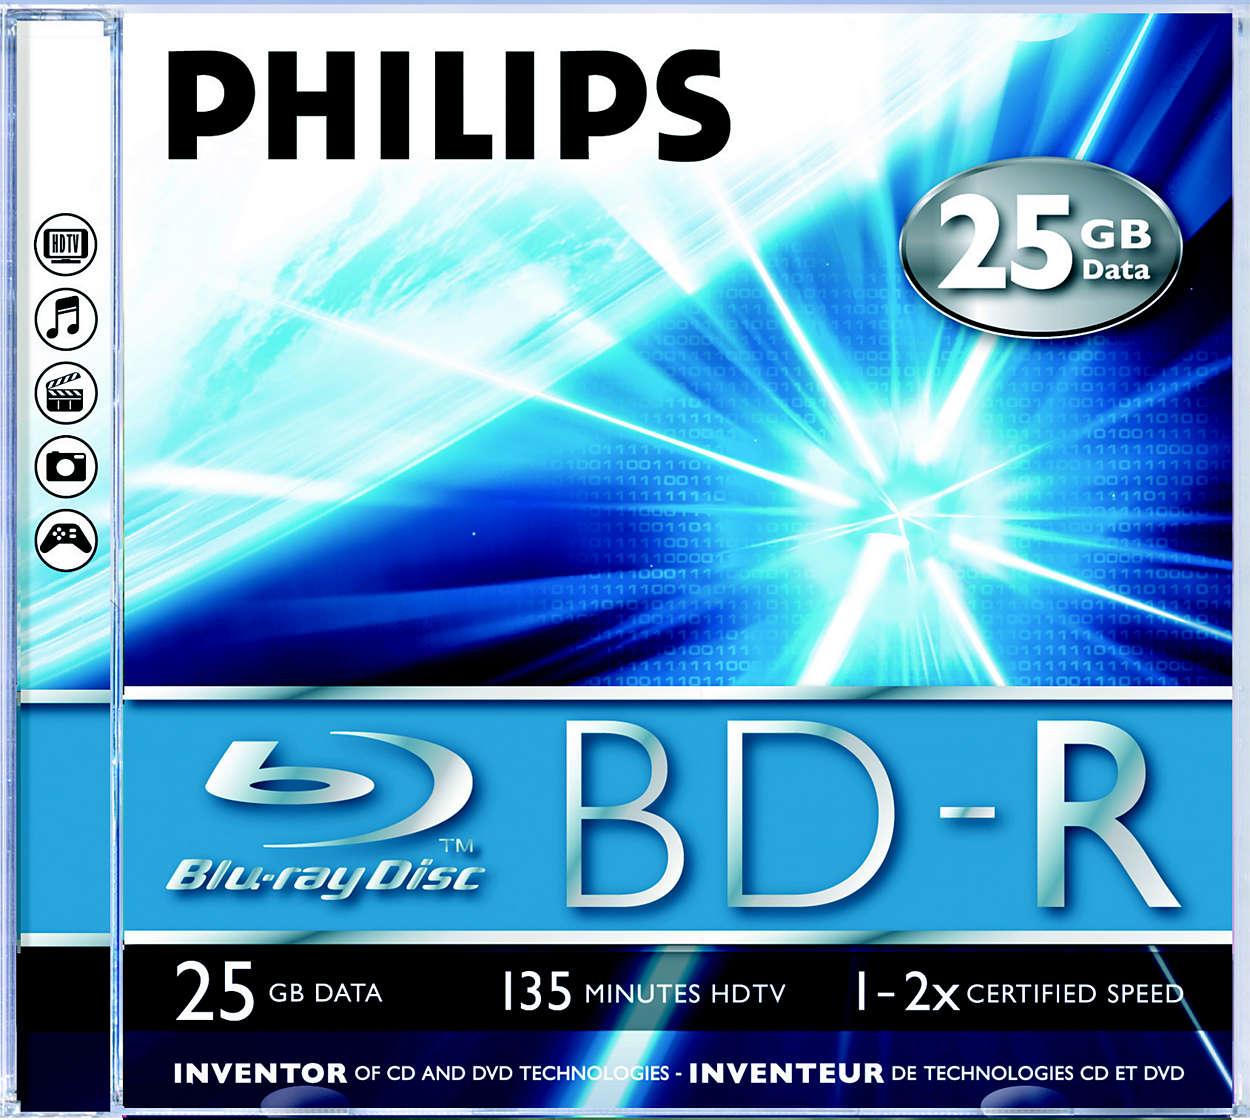 5x større og bedre enn DVD